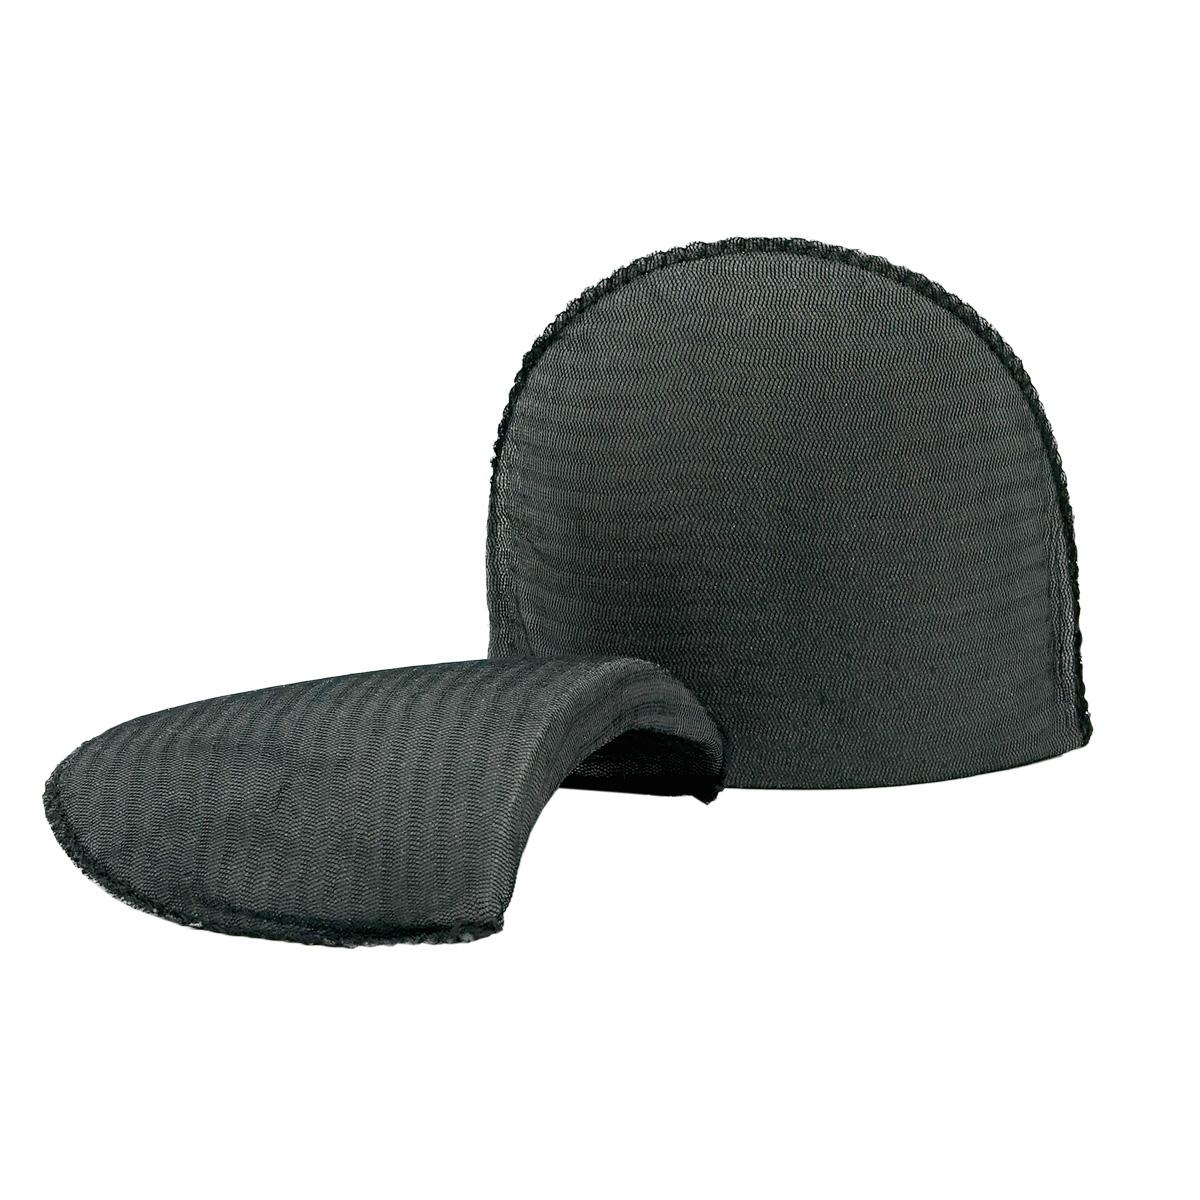 Плечевые накладки В-16/А втачные обшитые цвет черный, 16х120х165 мм, Hobby&Pro